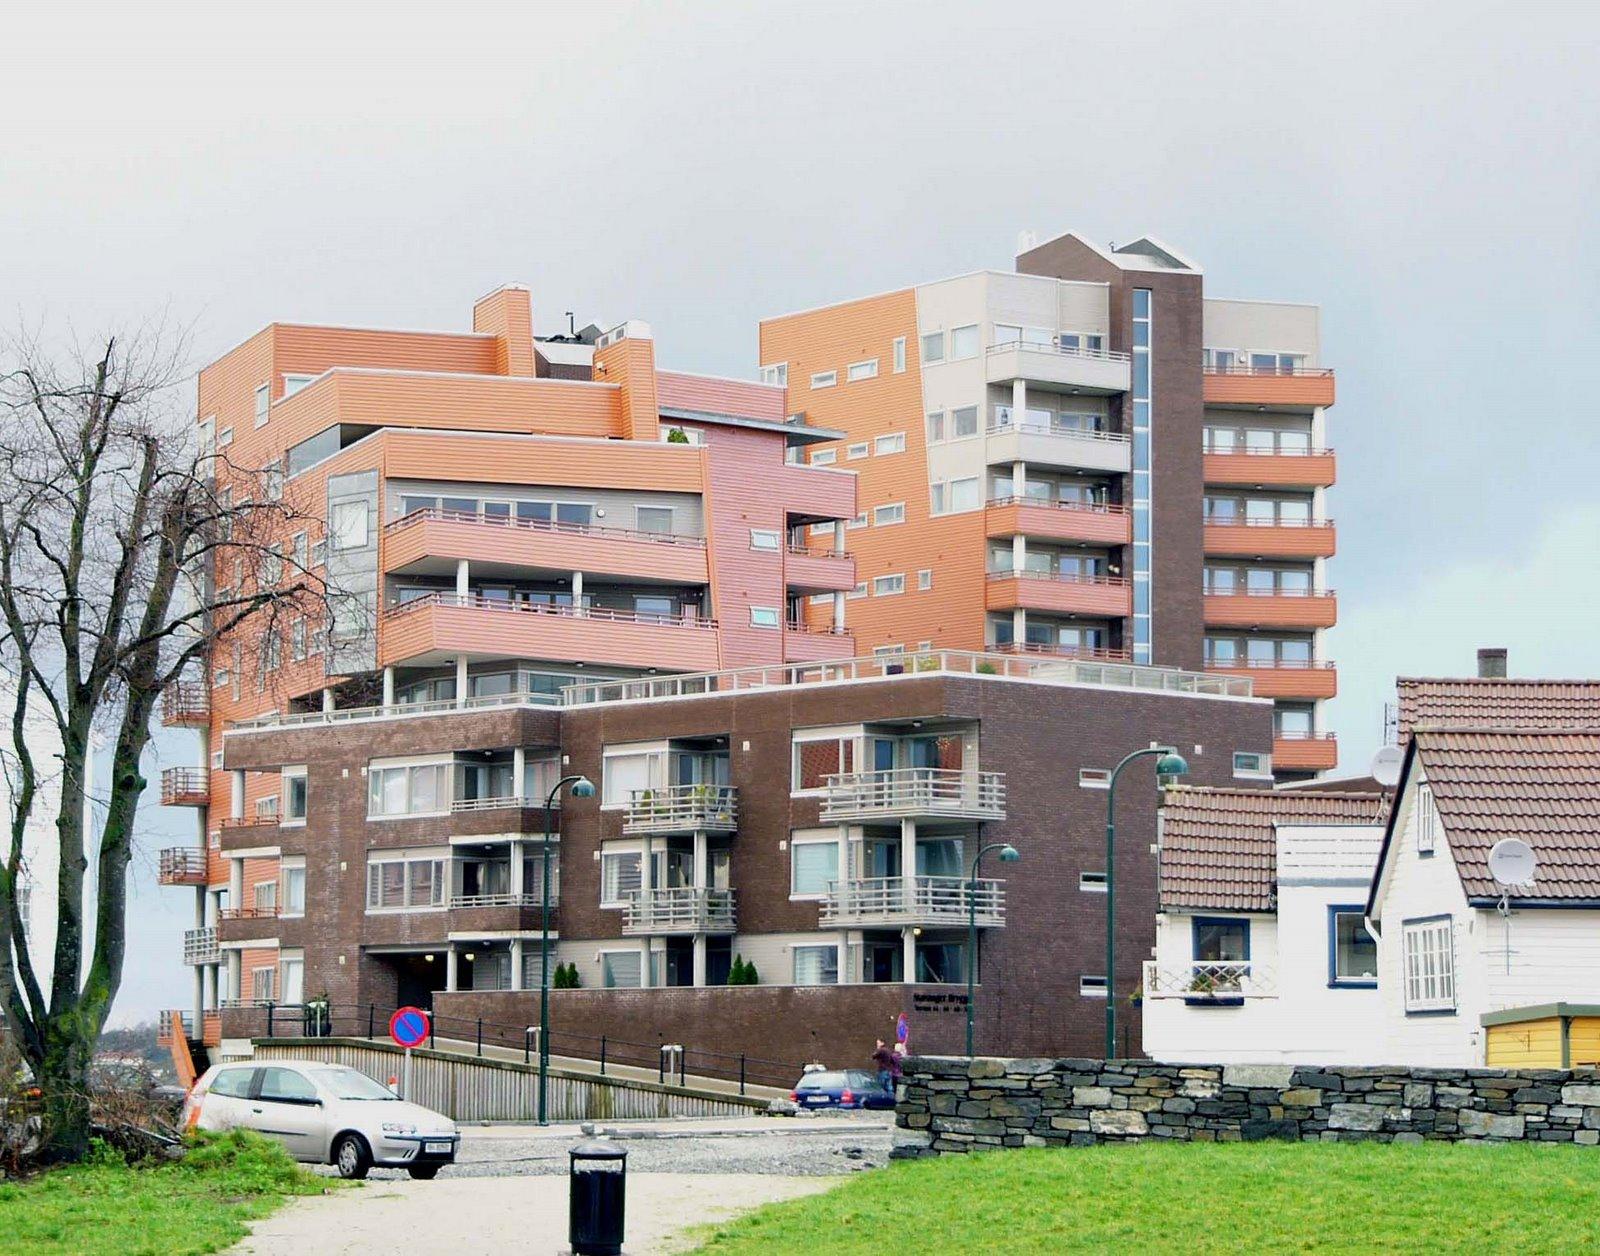 bg bg Brick+apartment2